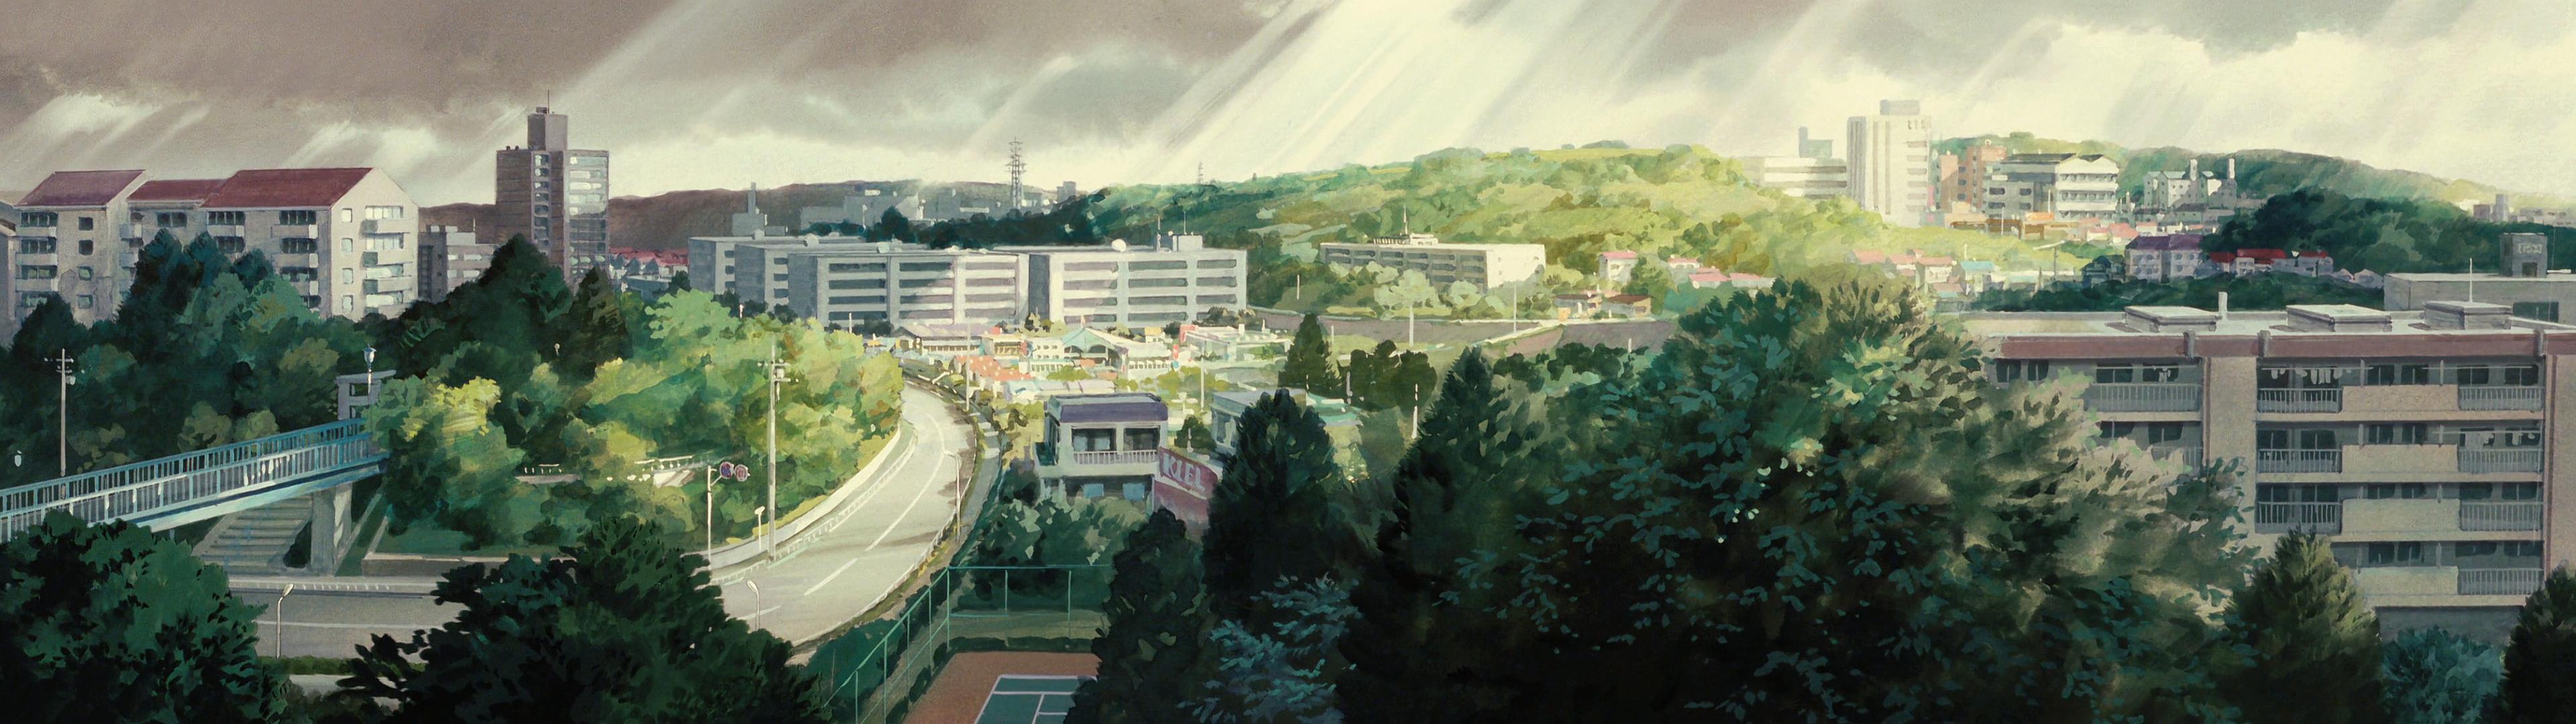 Studio Ghibli Dual Monitor Wallpaper